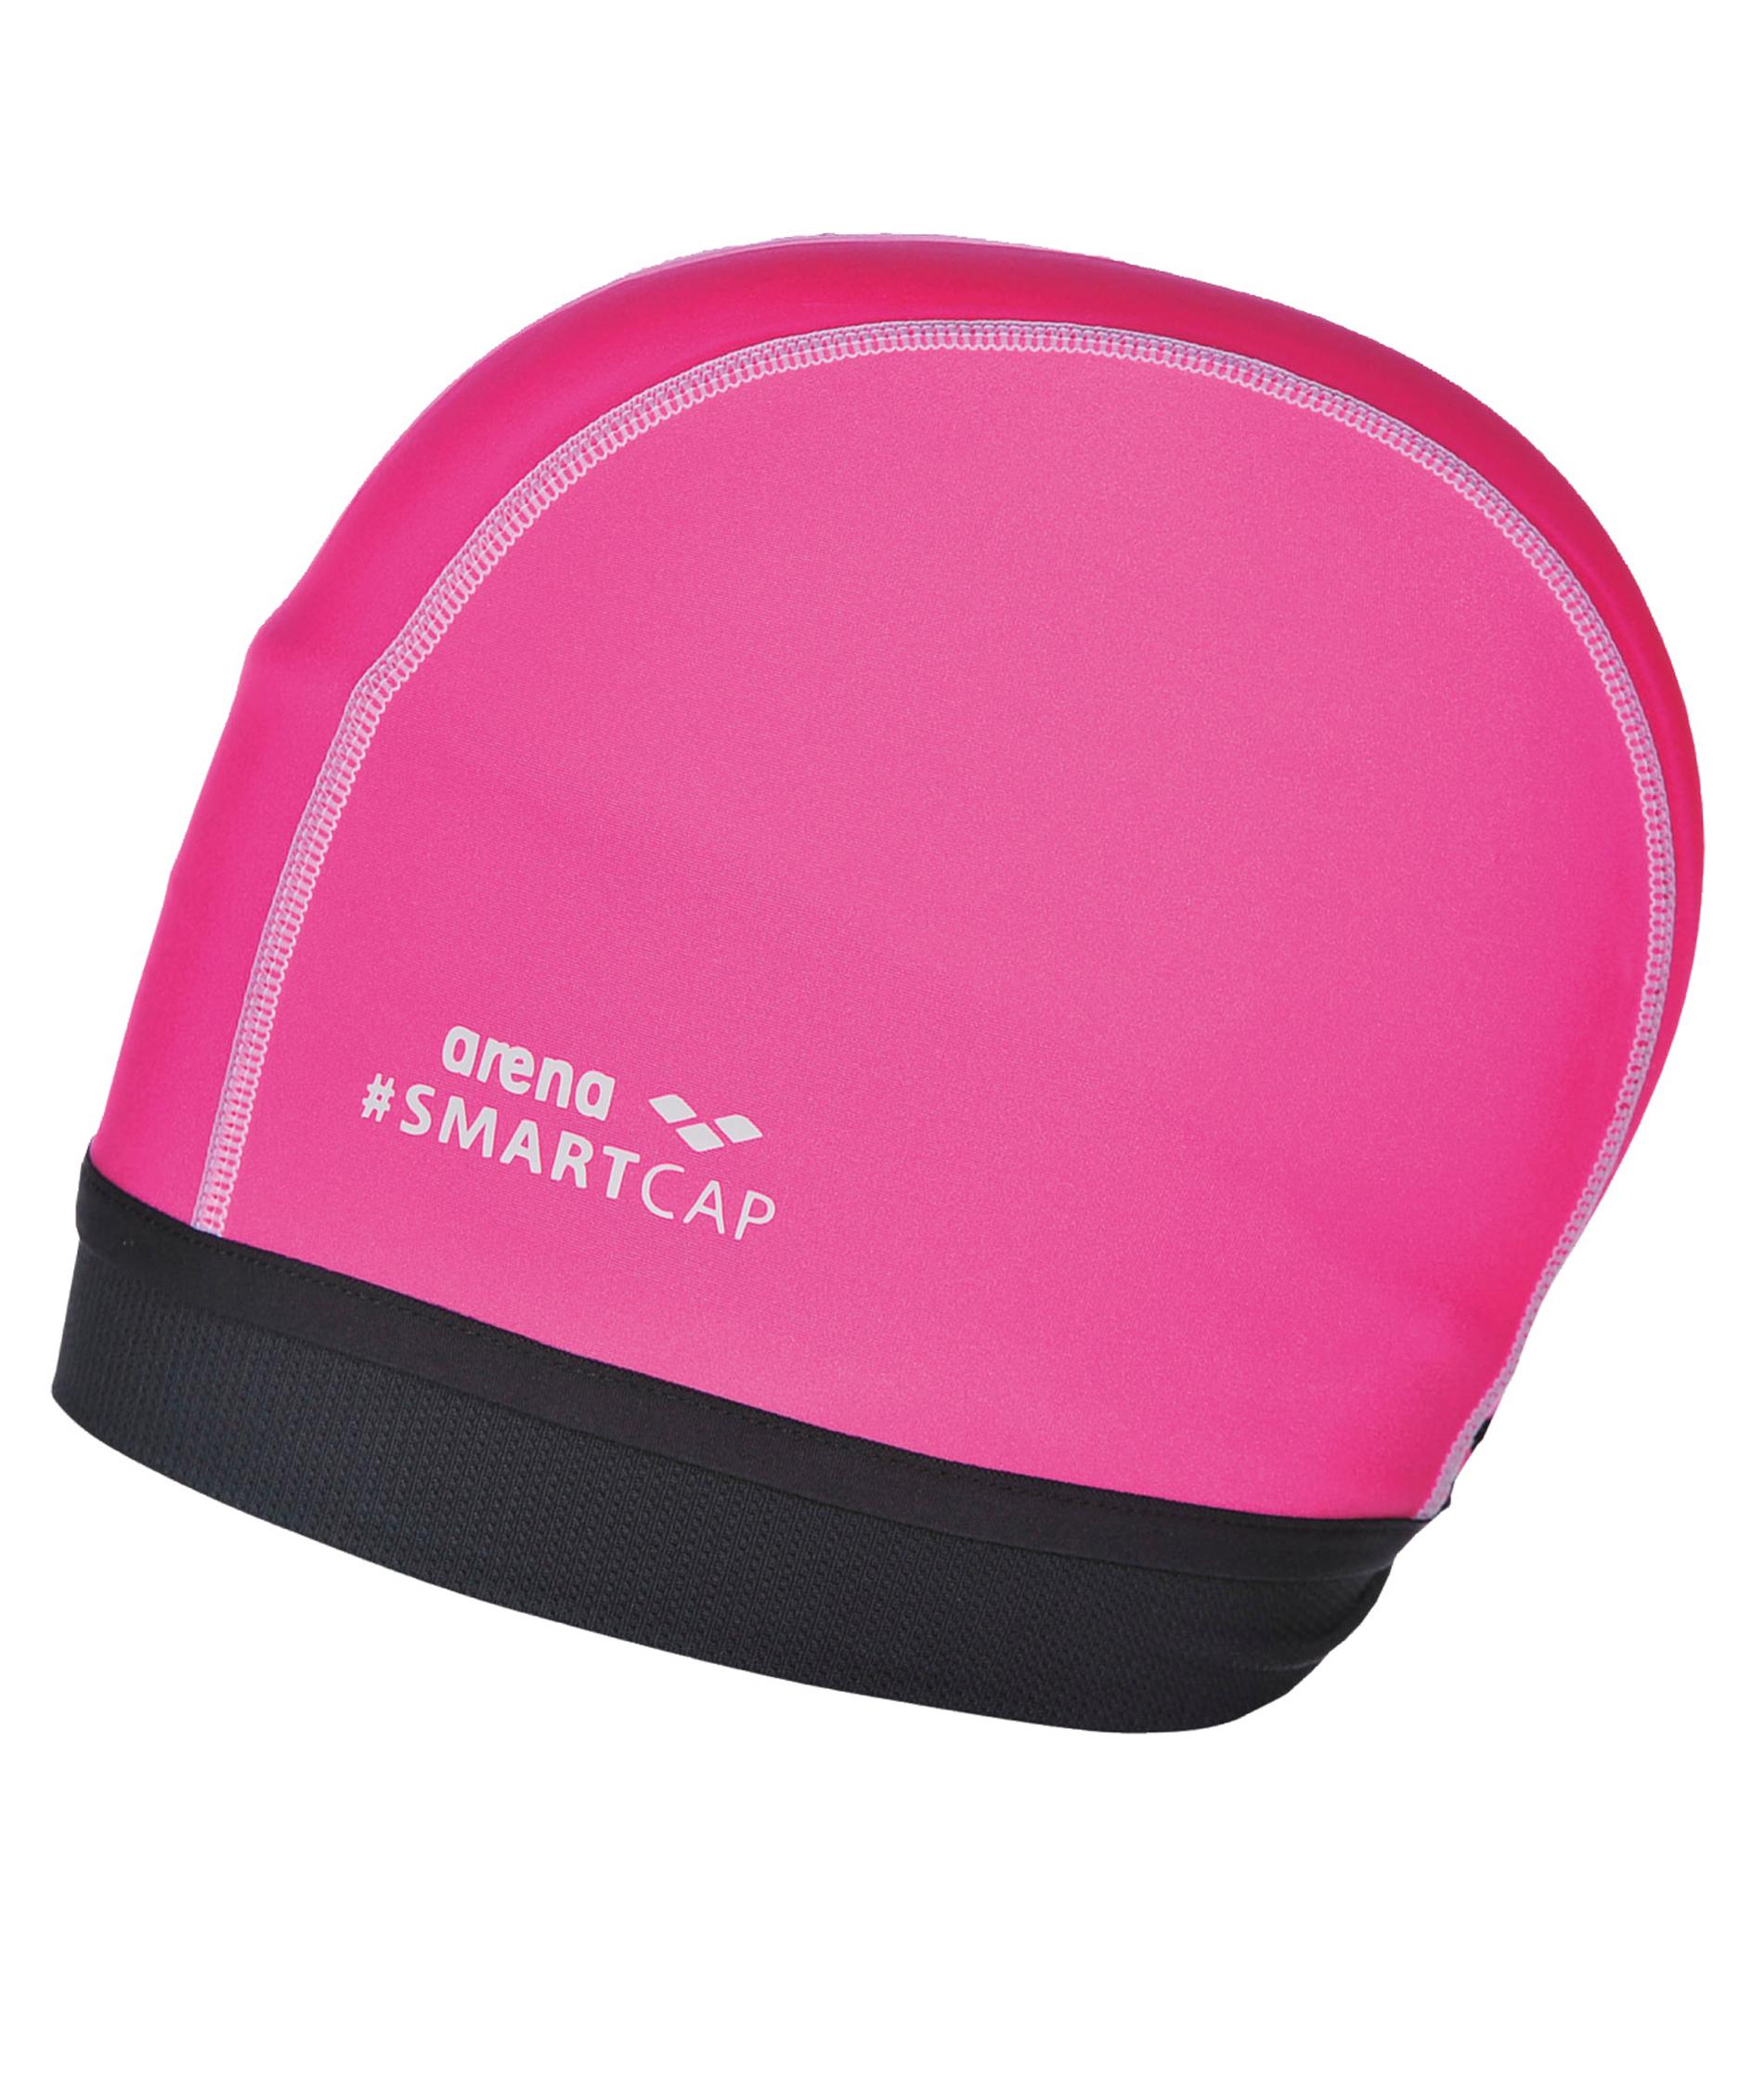 Arena Smartcap Junior - Pink/Black